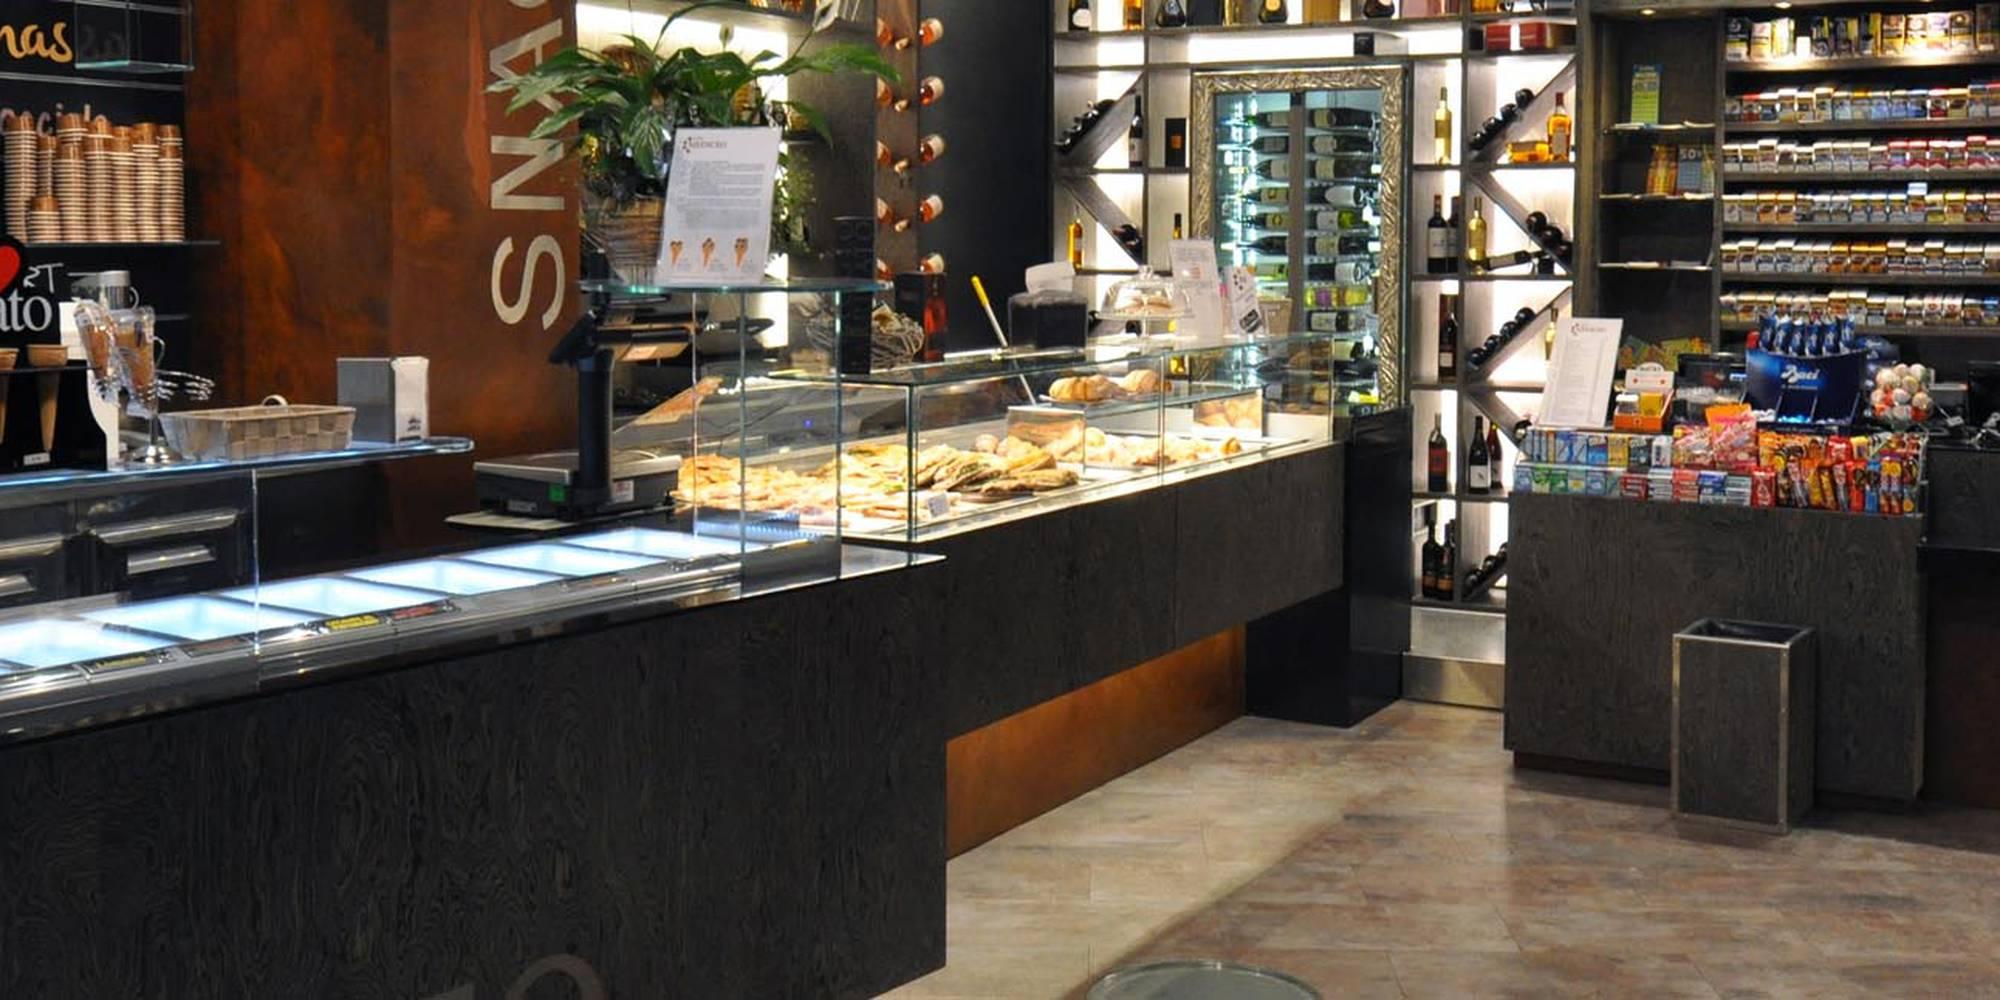 Hader Caffè Mediceo.jpg